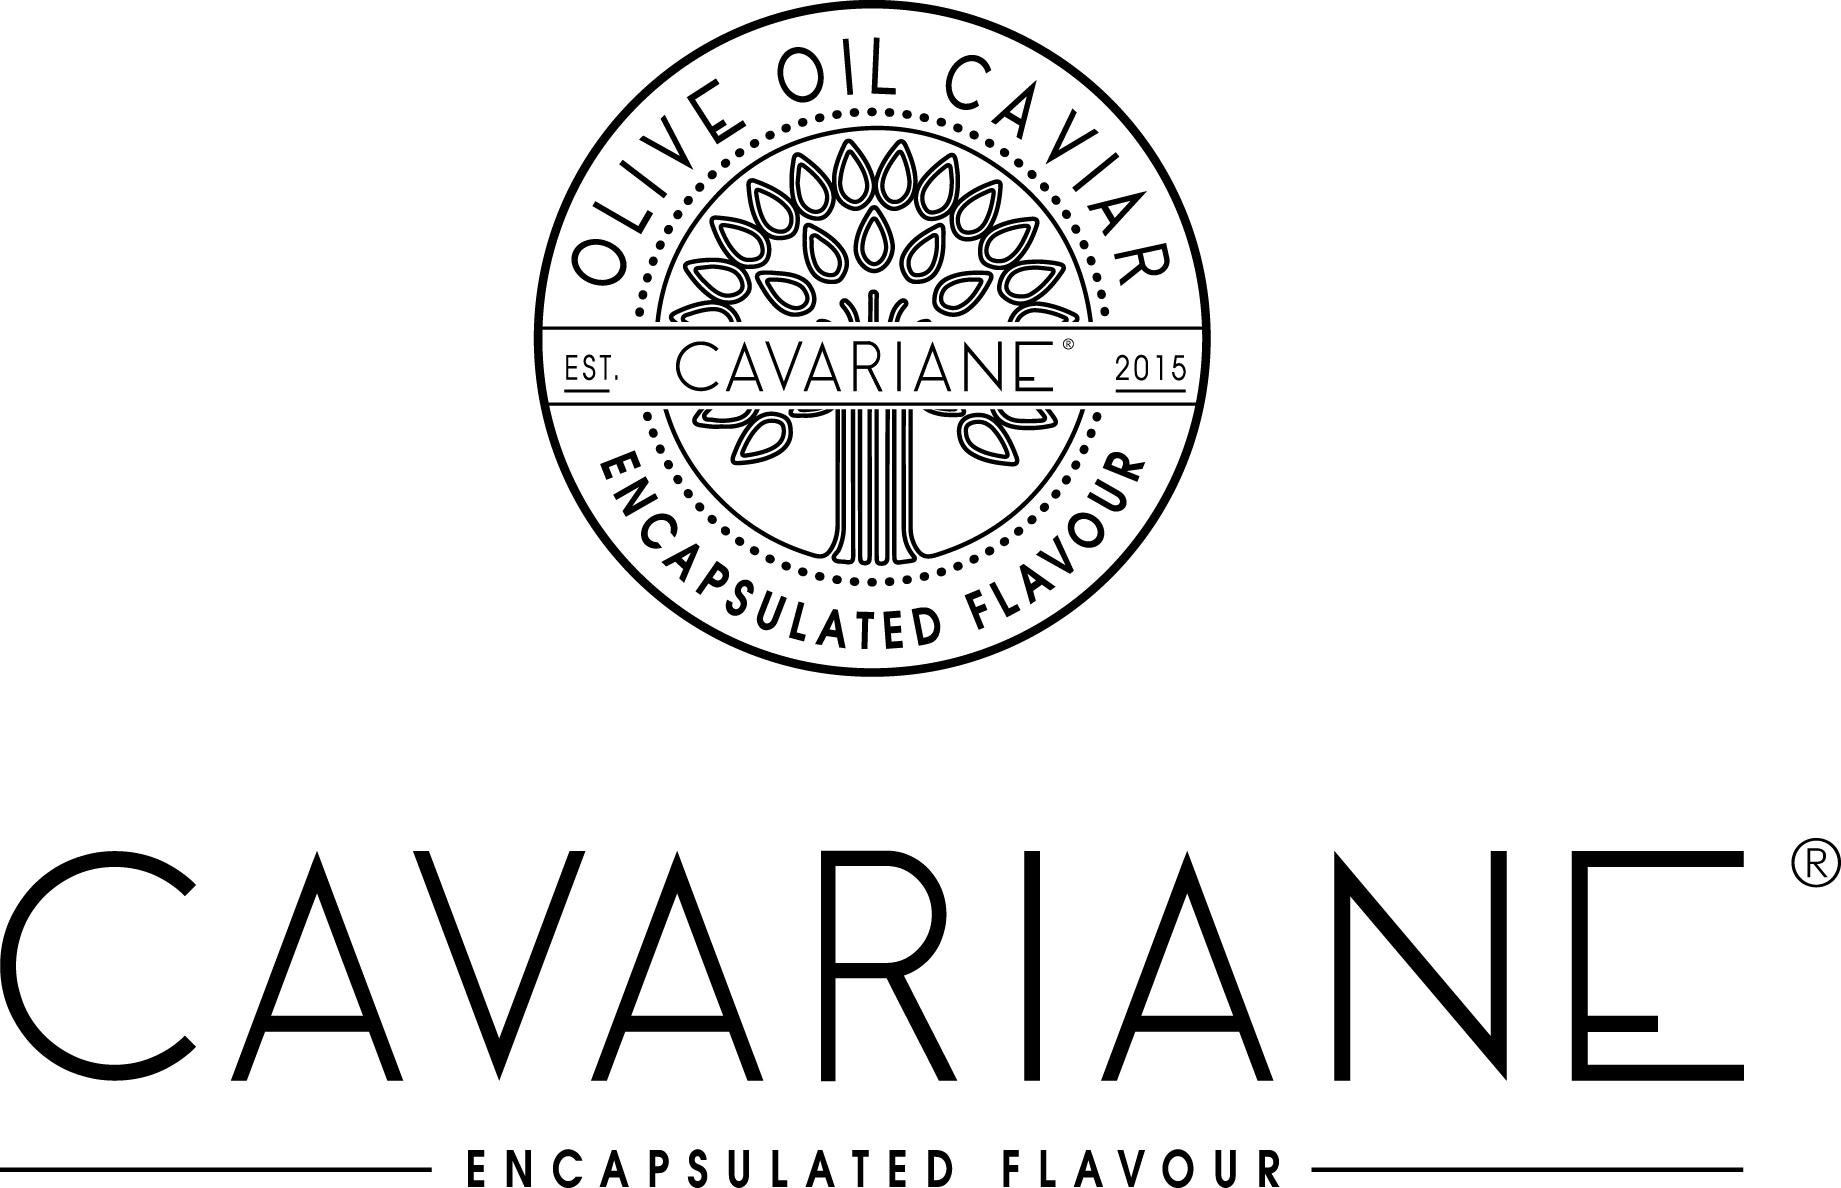 cavariane_logo_def_def.jpg